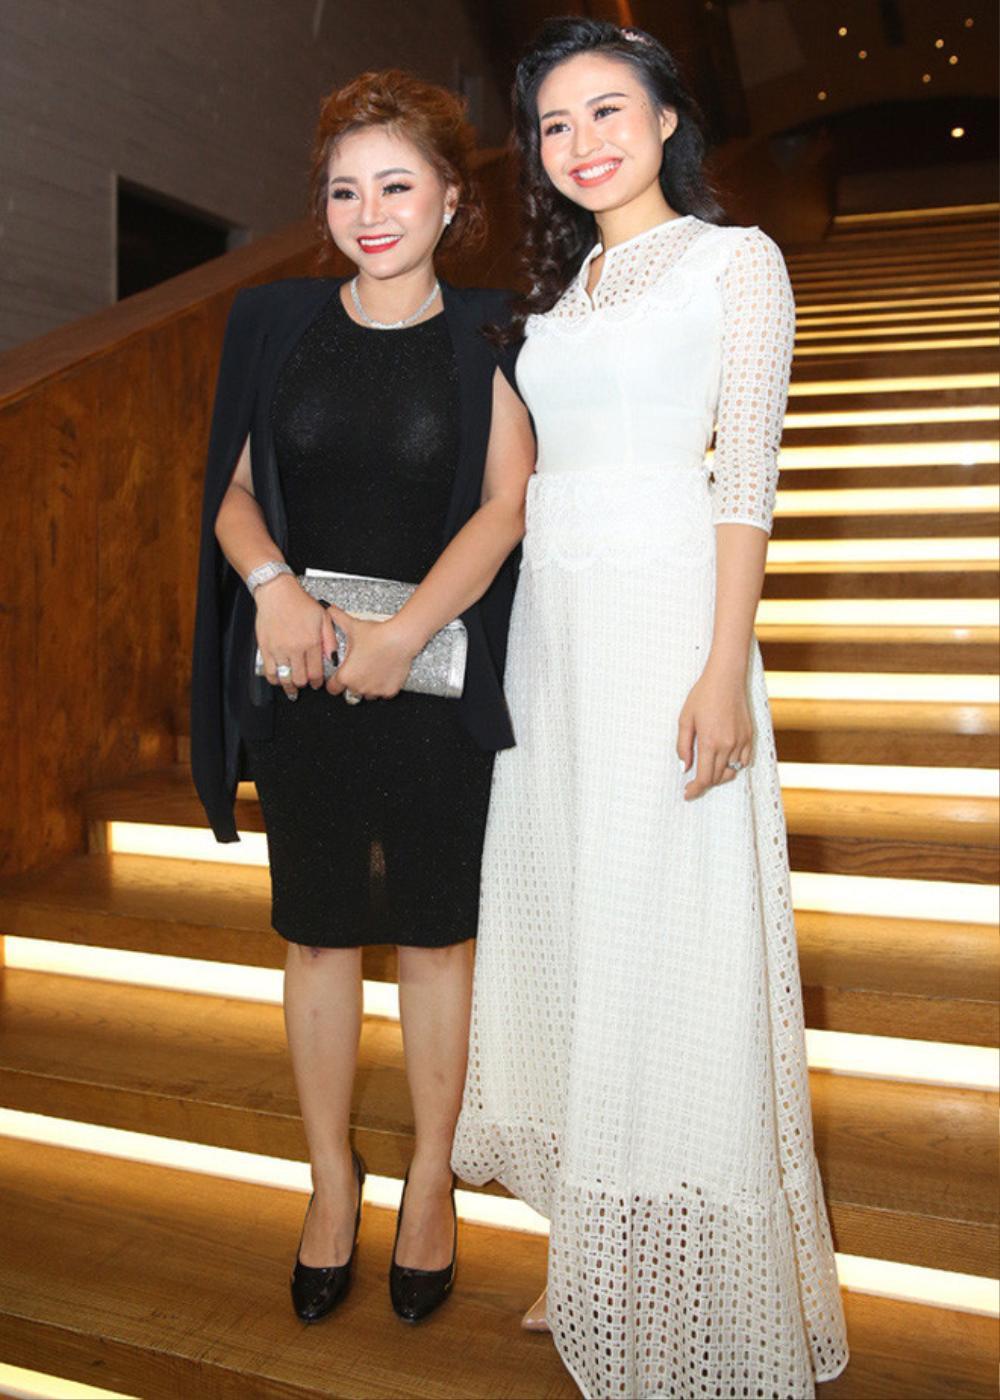 Sao Việt bị la ó vì mặc quá nổi tại đám cưới, riêng Thủy Tiên được khen dù 'lấn át' cô dâu Ảnh 5